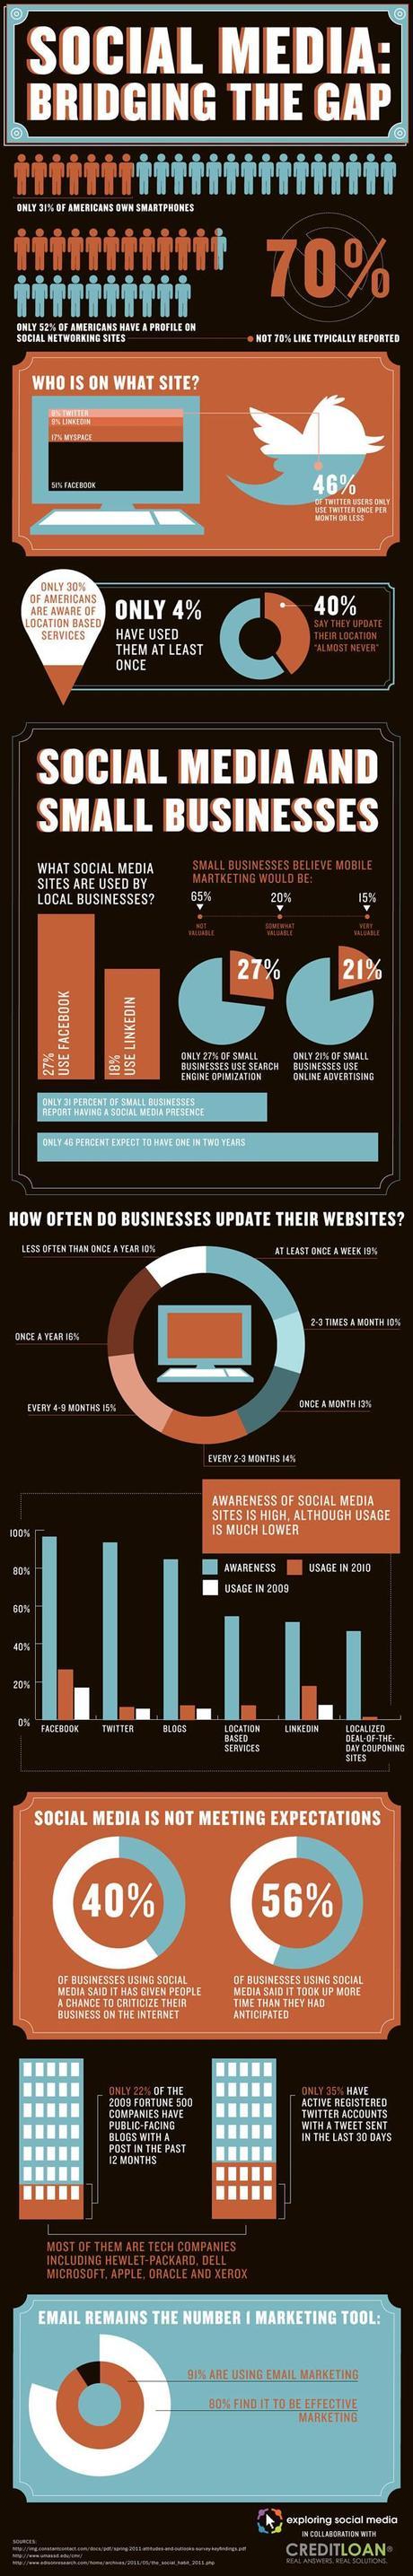 La vérité sur les médias sociaux: une infographie qui remet les pieds sur terre